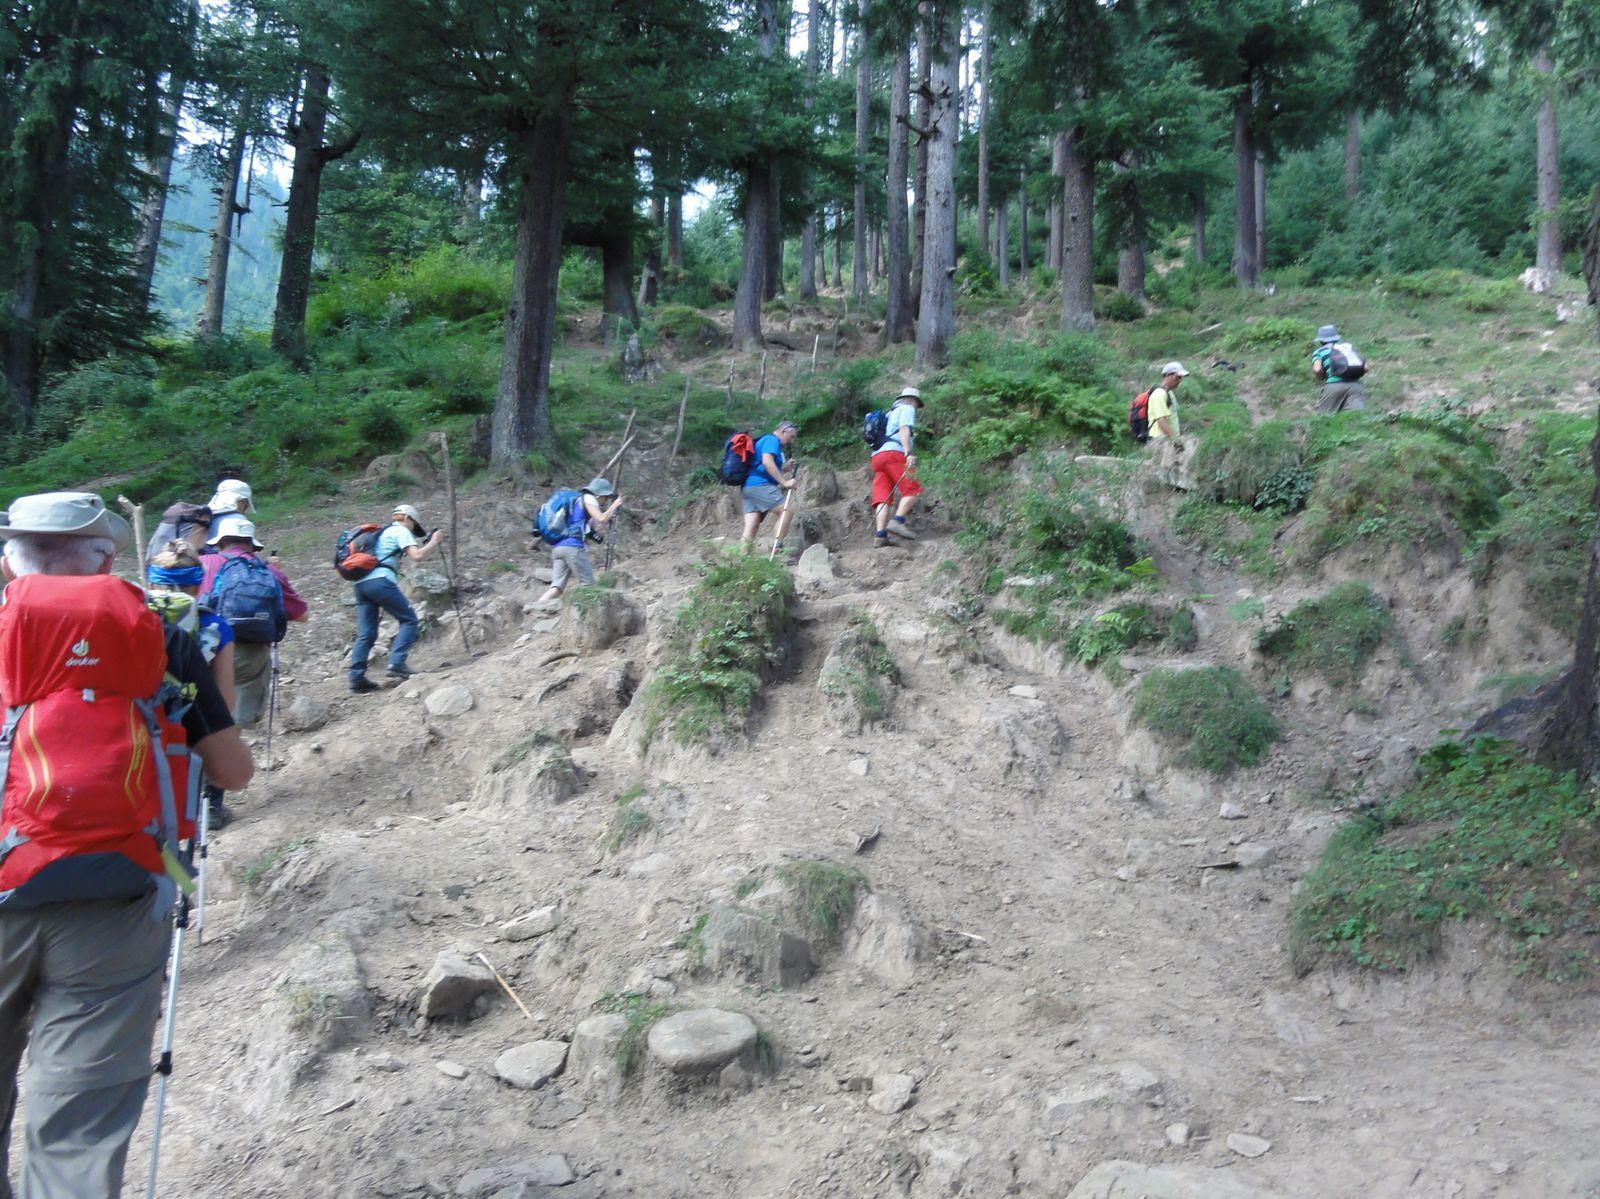 Le groupe durant une montée assez raide.